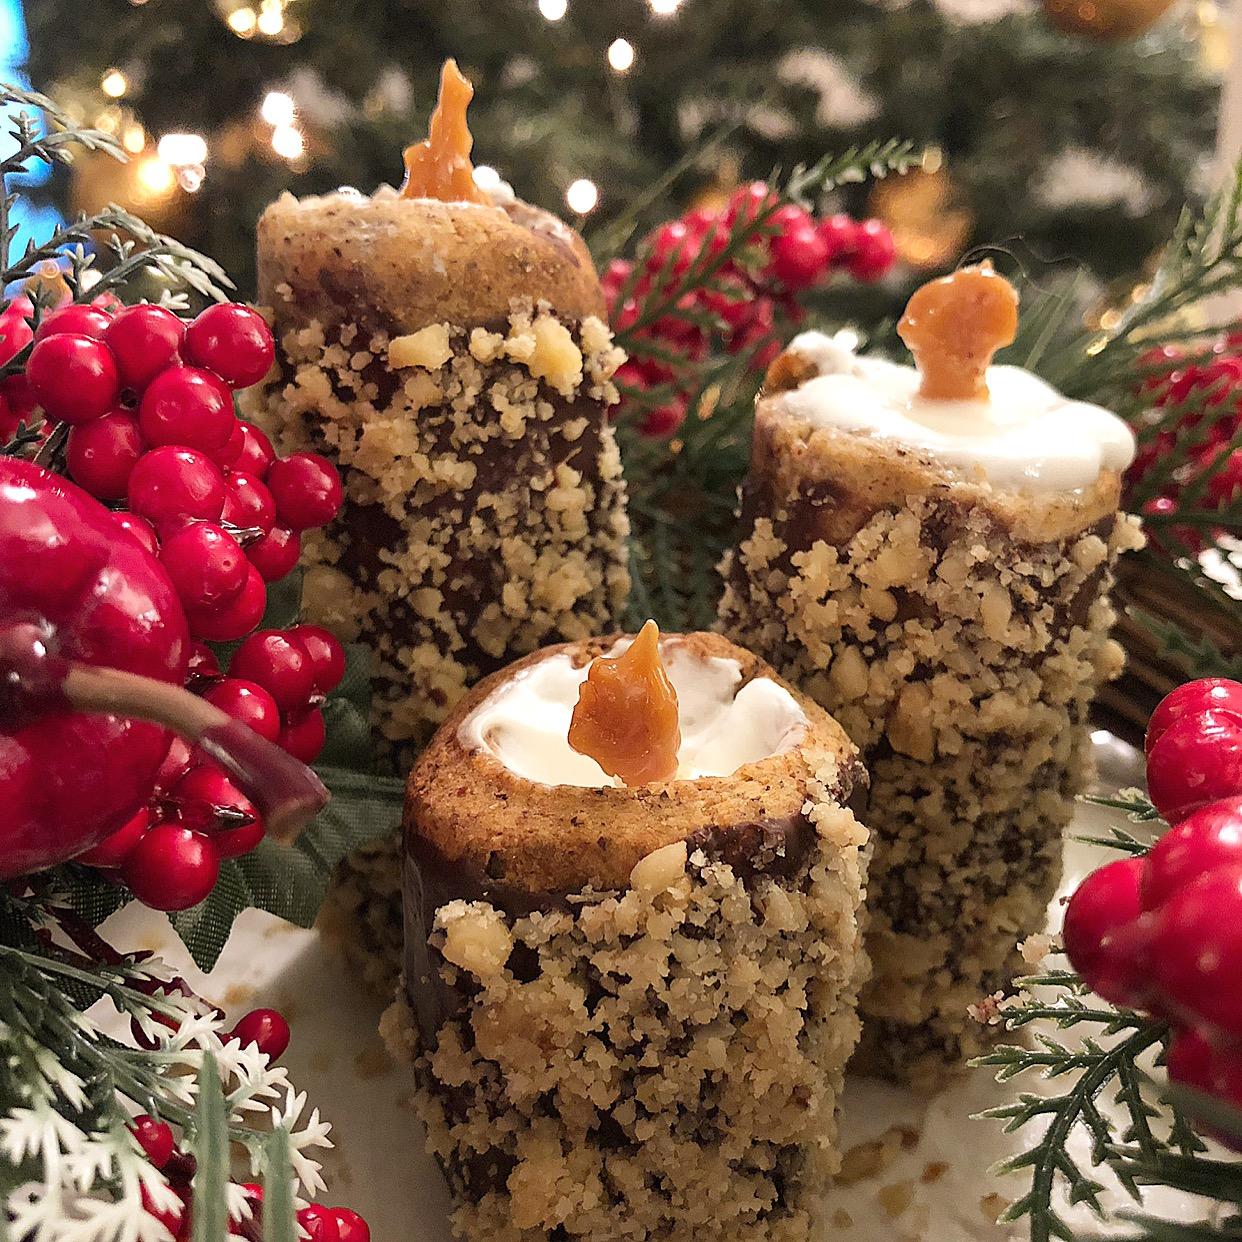 Candele Dolci di Frolla Senza Burro, una ricetta originale di dolci senza burro